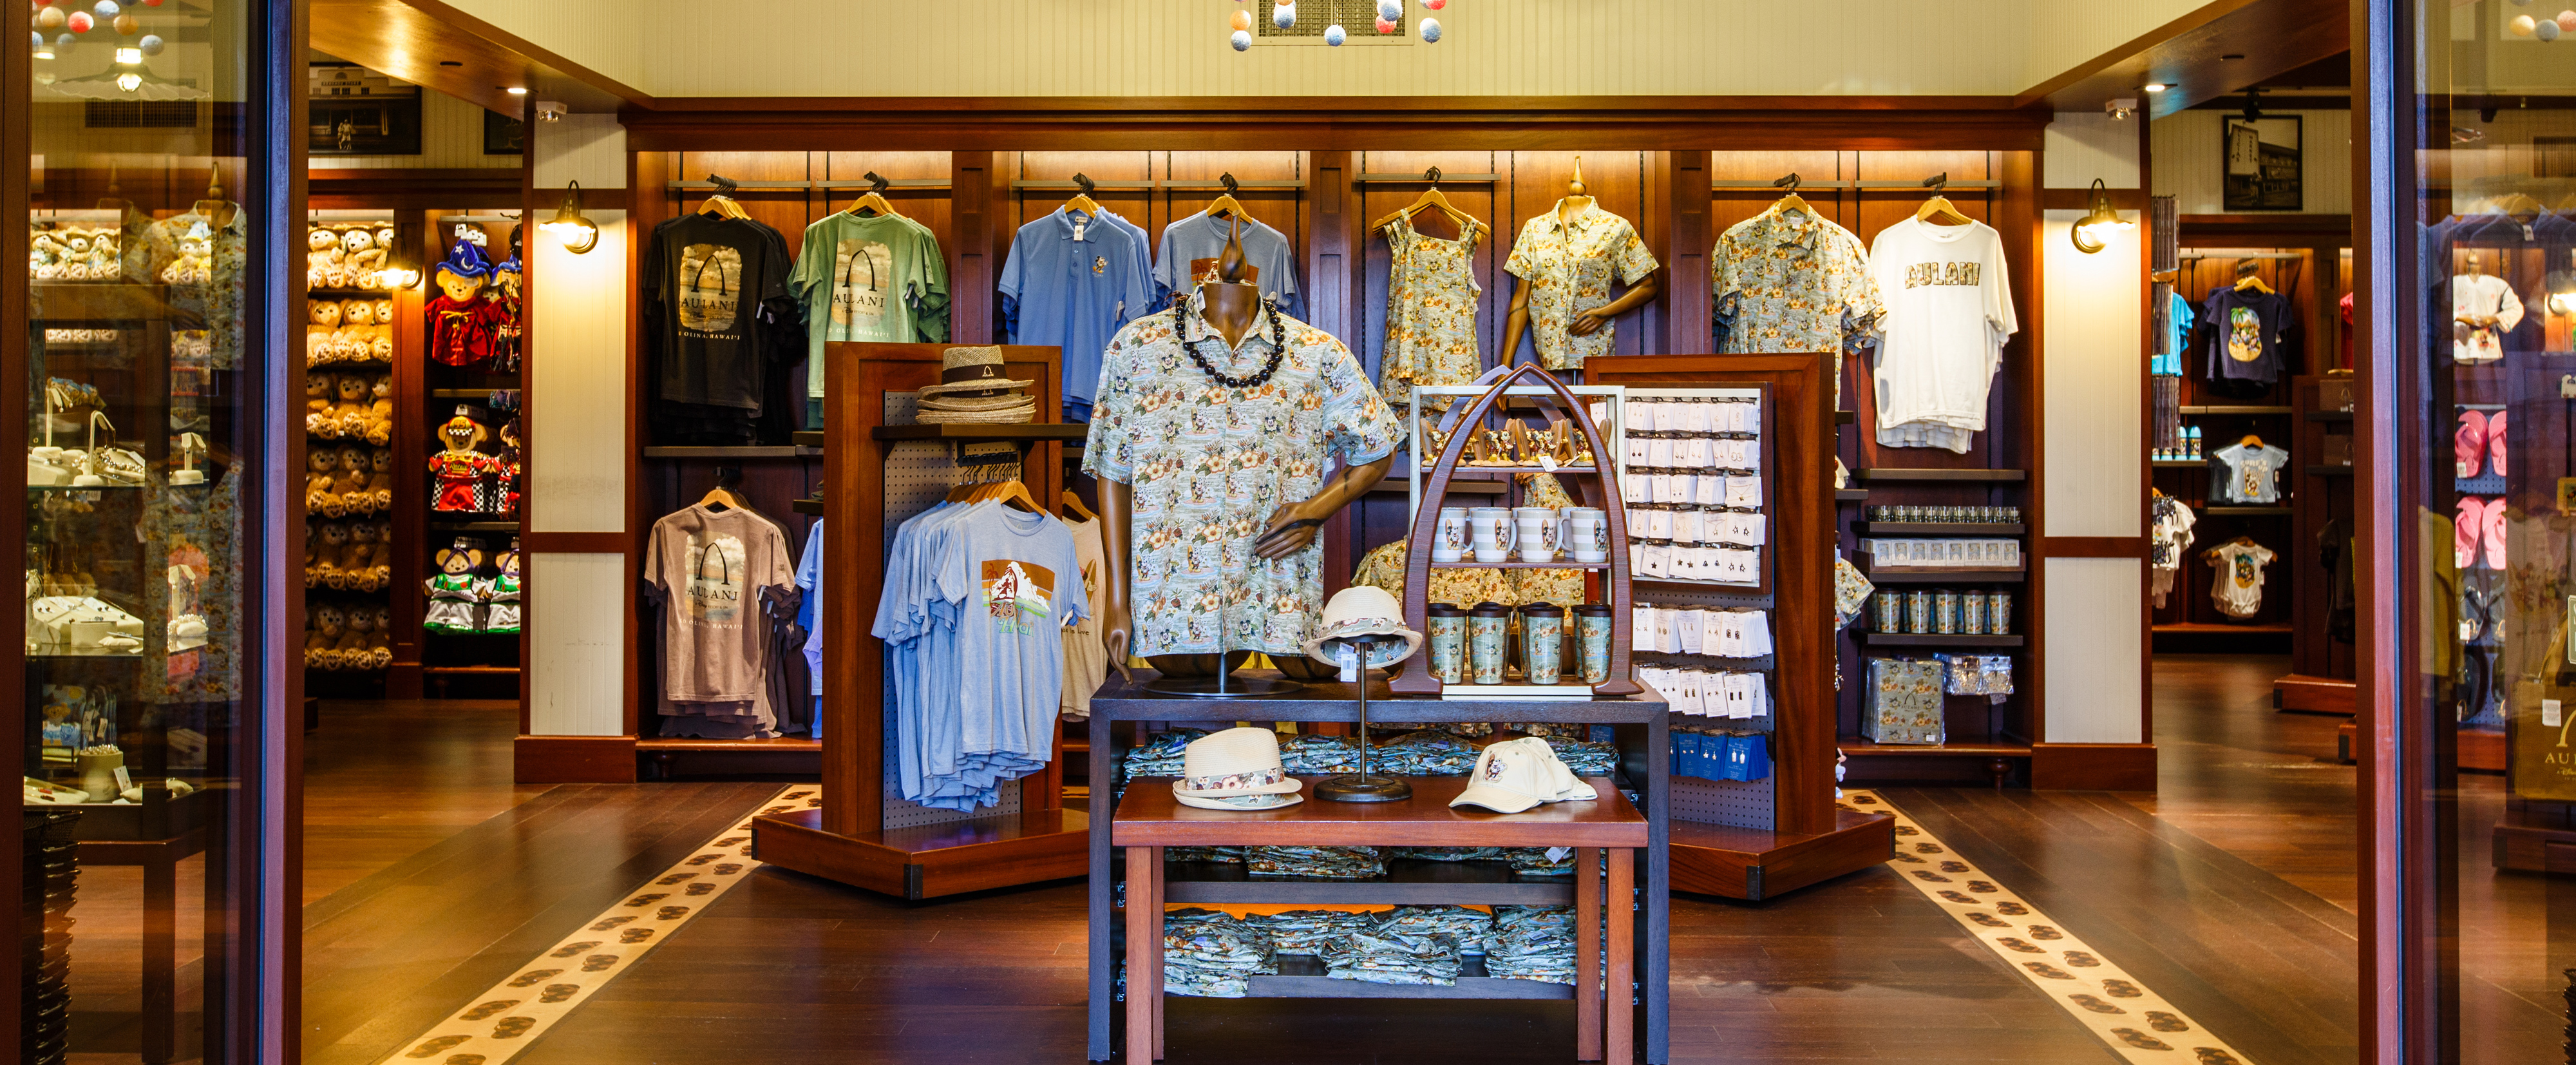 best gift shop interior design ideas gallery interior design